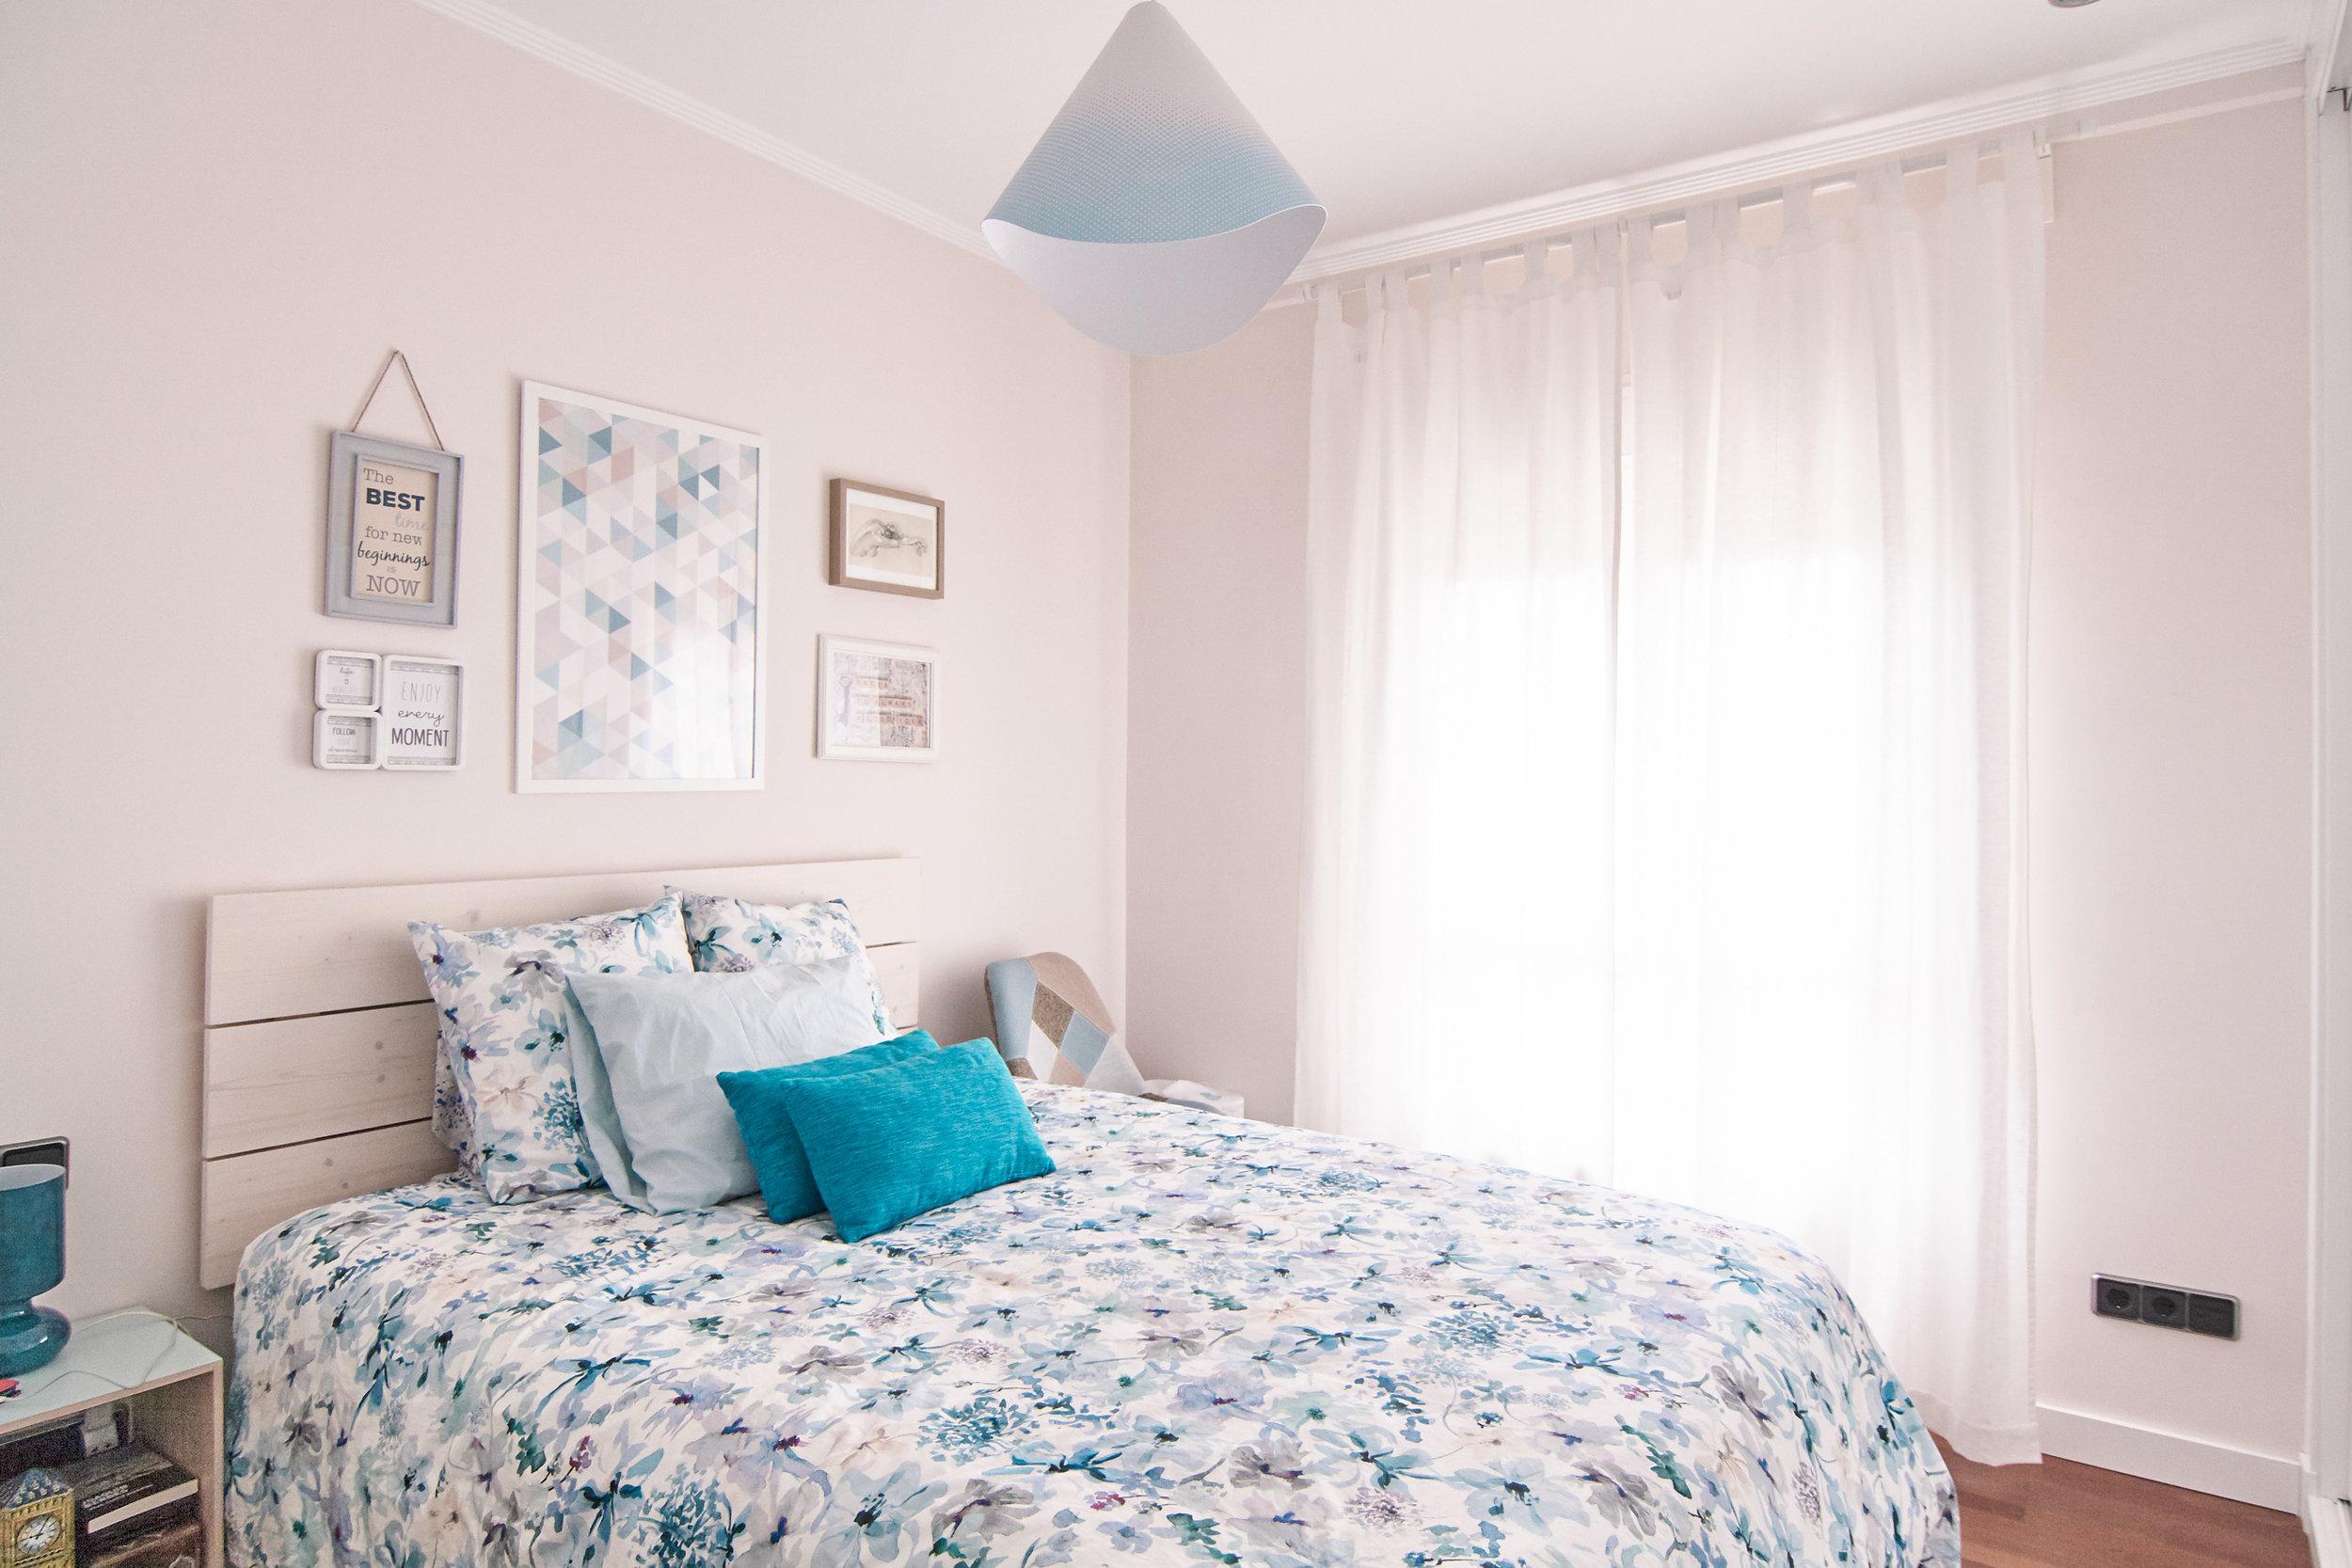 emmme studio amueblamiento decoracion Inma dormitorio 01.jpg